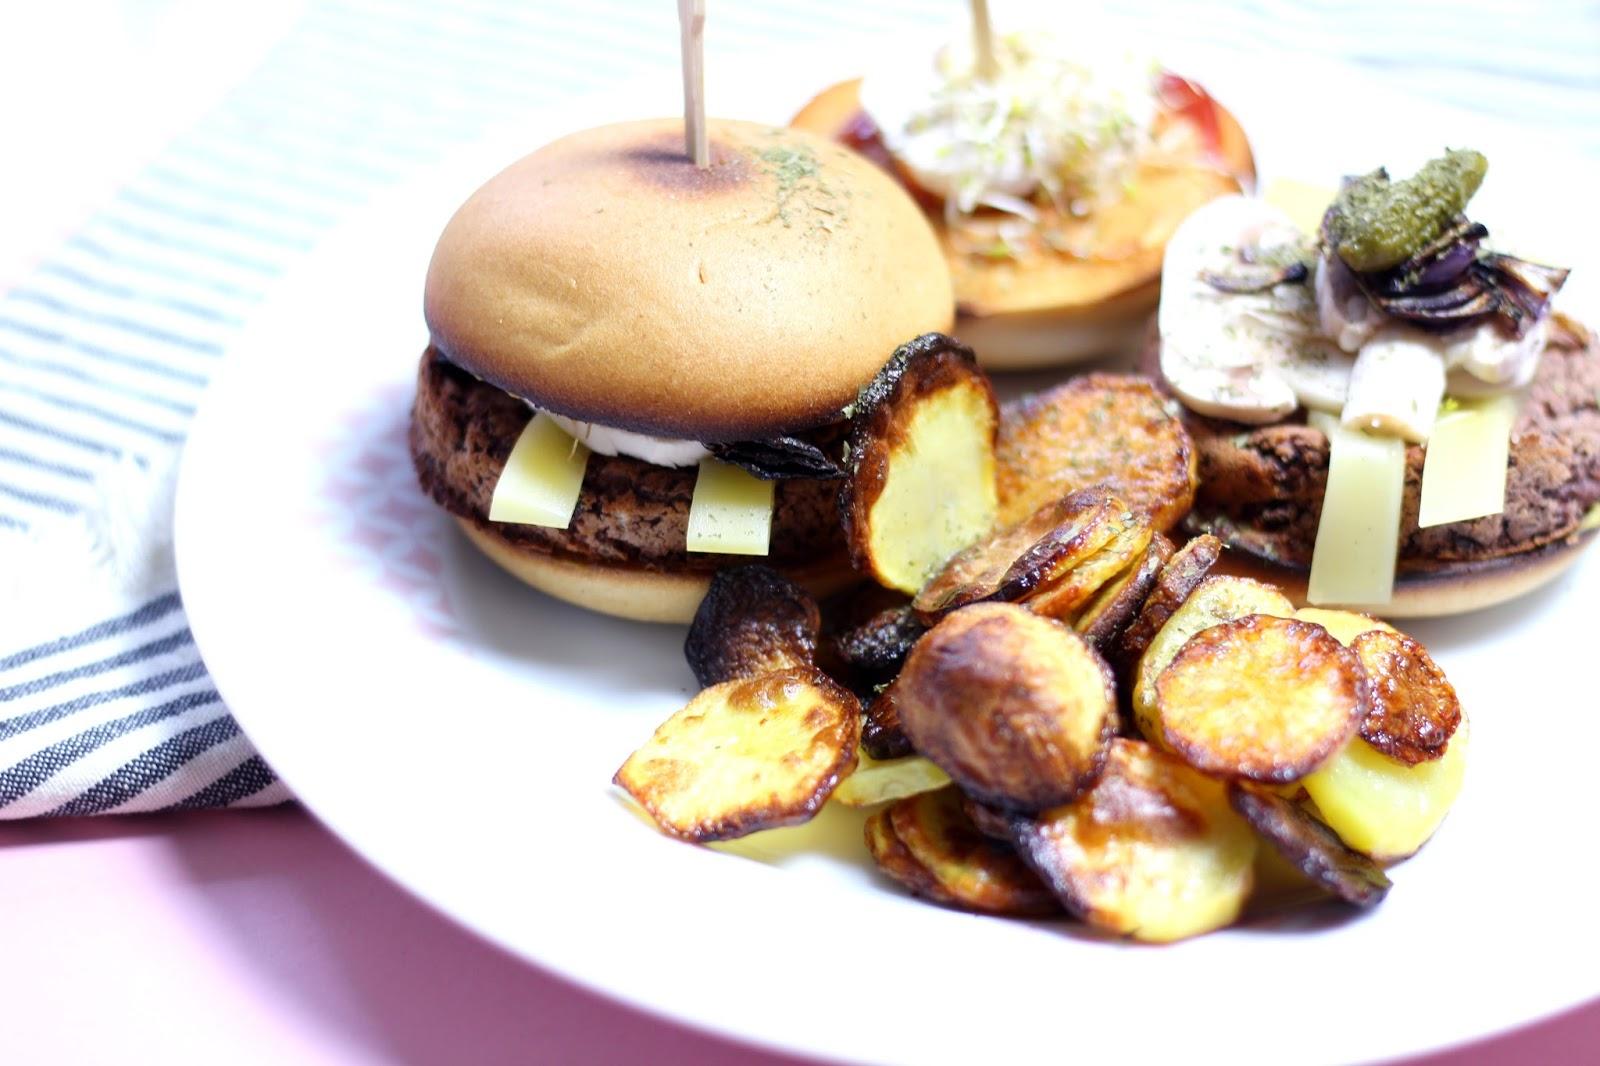 Burger sans gluten végétarien